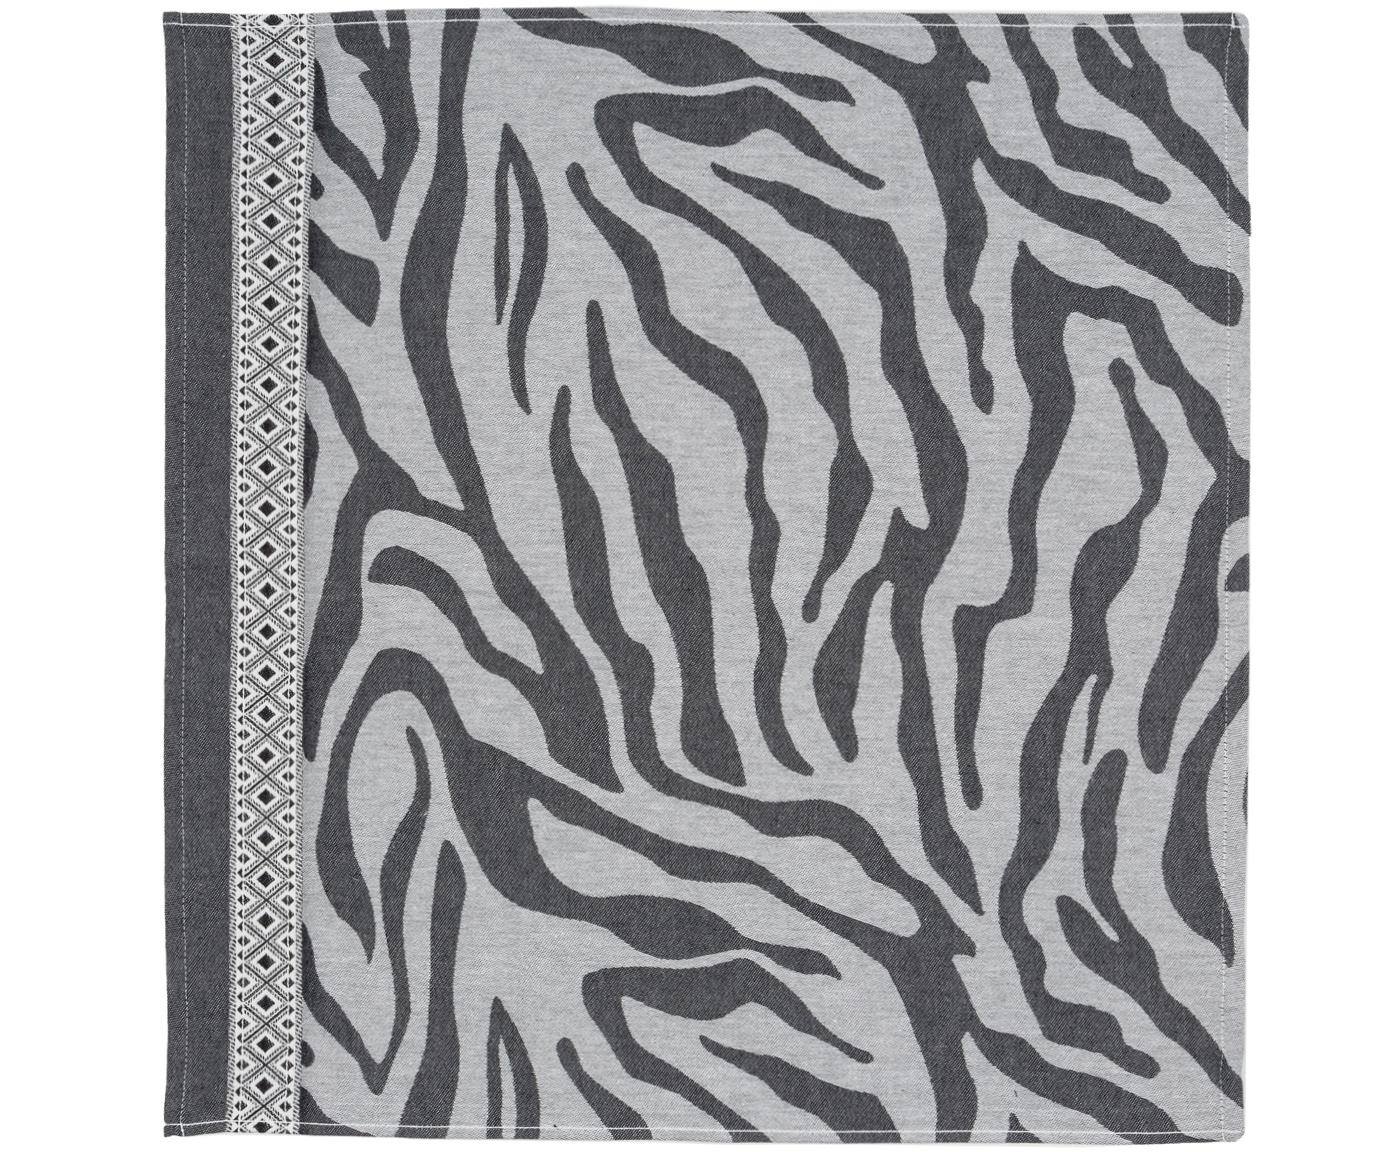 Theedoeken Africa met zebrapatroon, 6 stuks, Katoen, Zwart, wit, 60 x 65 cm